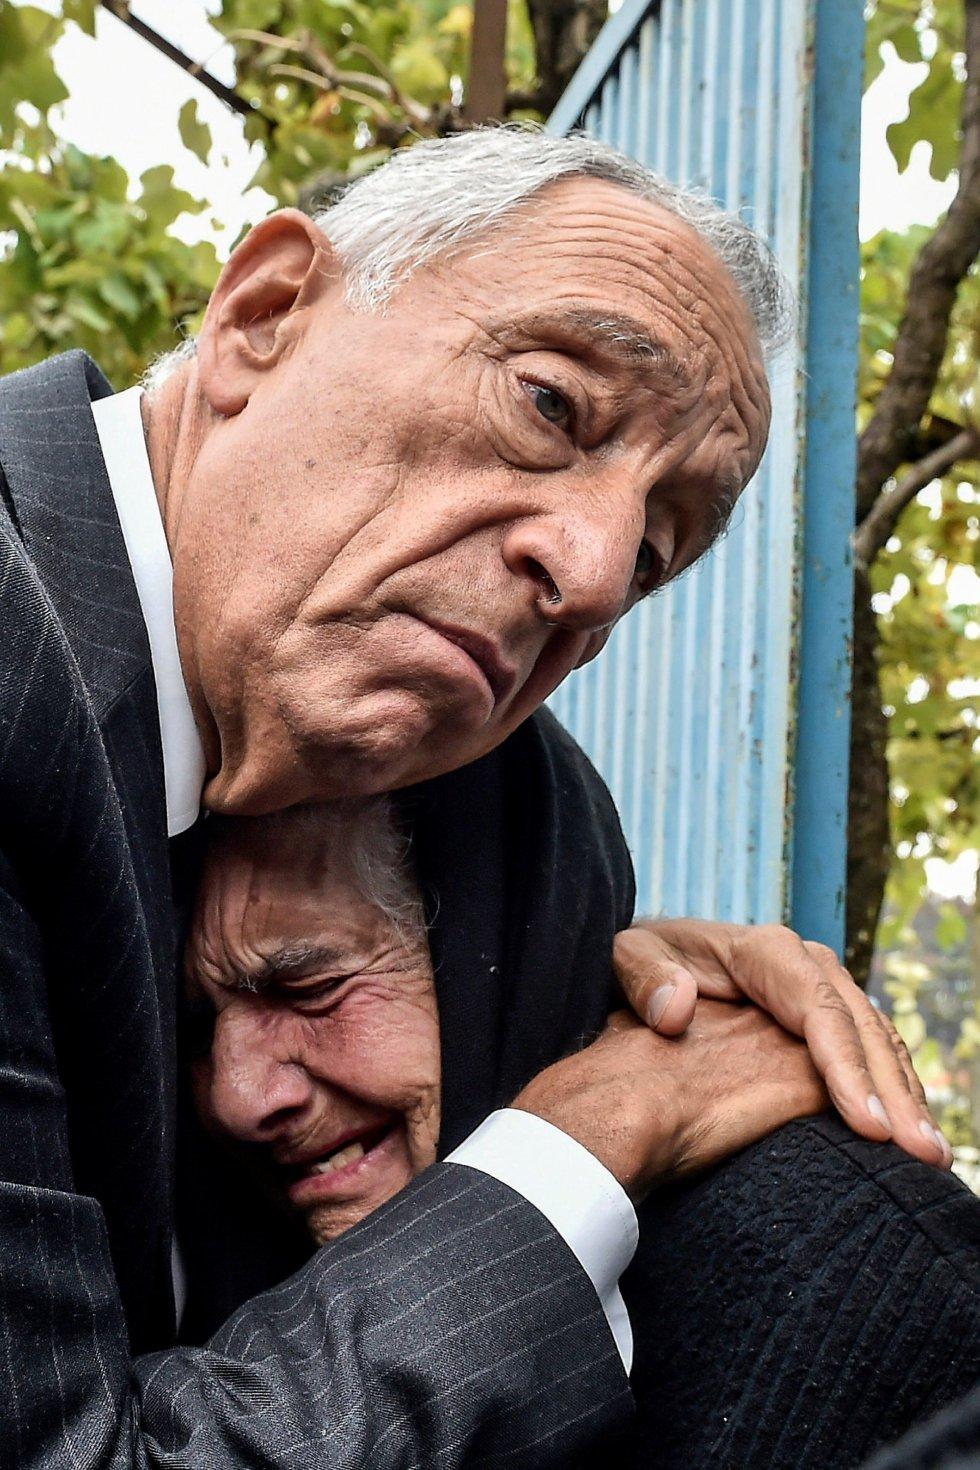 El presidente luso, Marcelo Rebelo de Sousa, abraza a una mujer mientras llora, durante una visita a los municipios del centro del país afectados por los incendios forestales